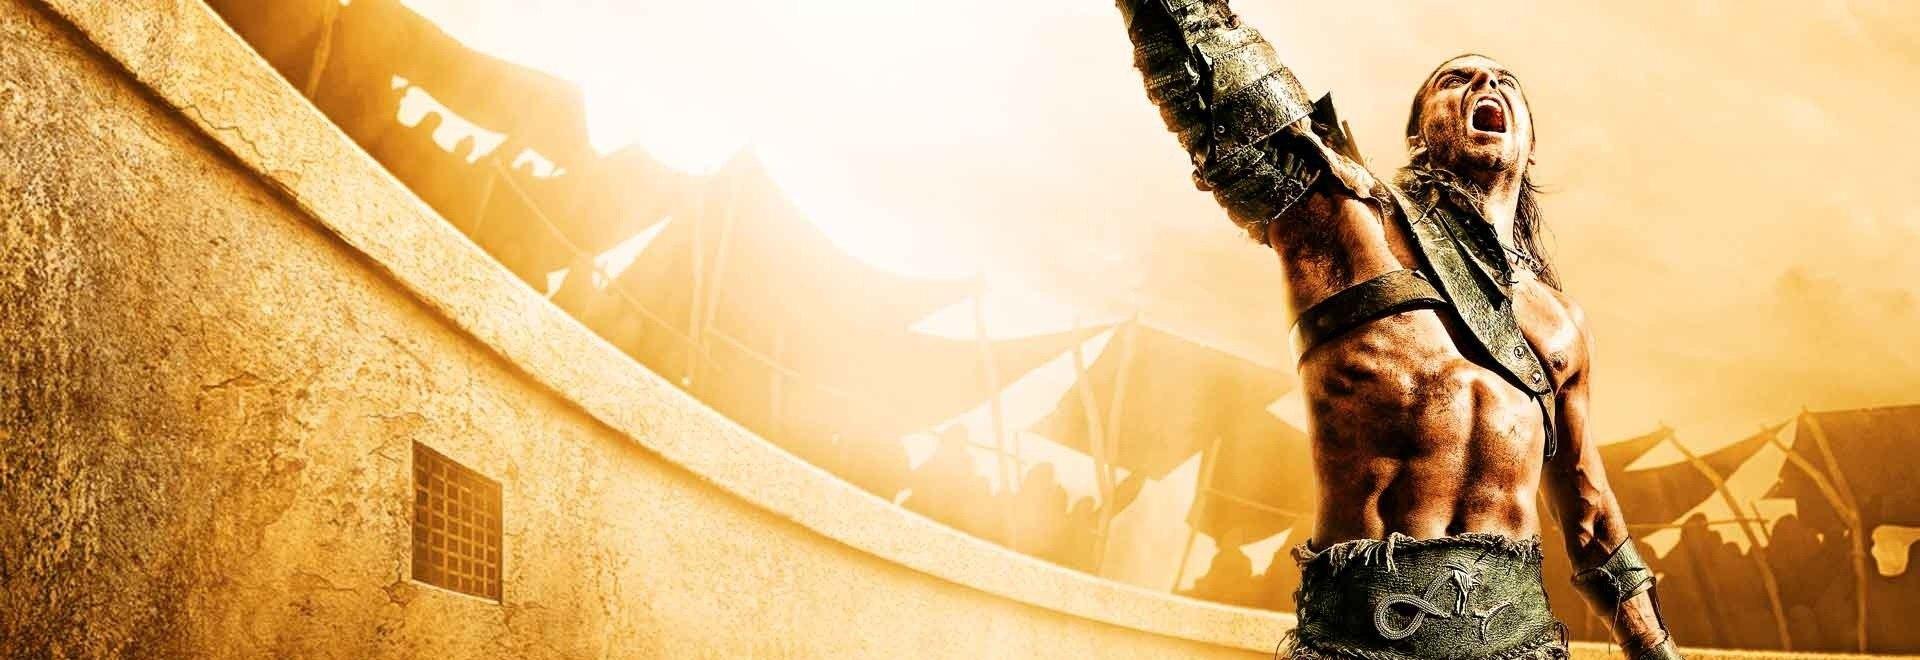 Spartacus - Gli dei dell'arena (v.i.)